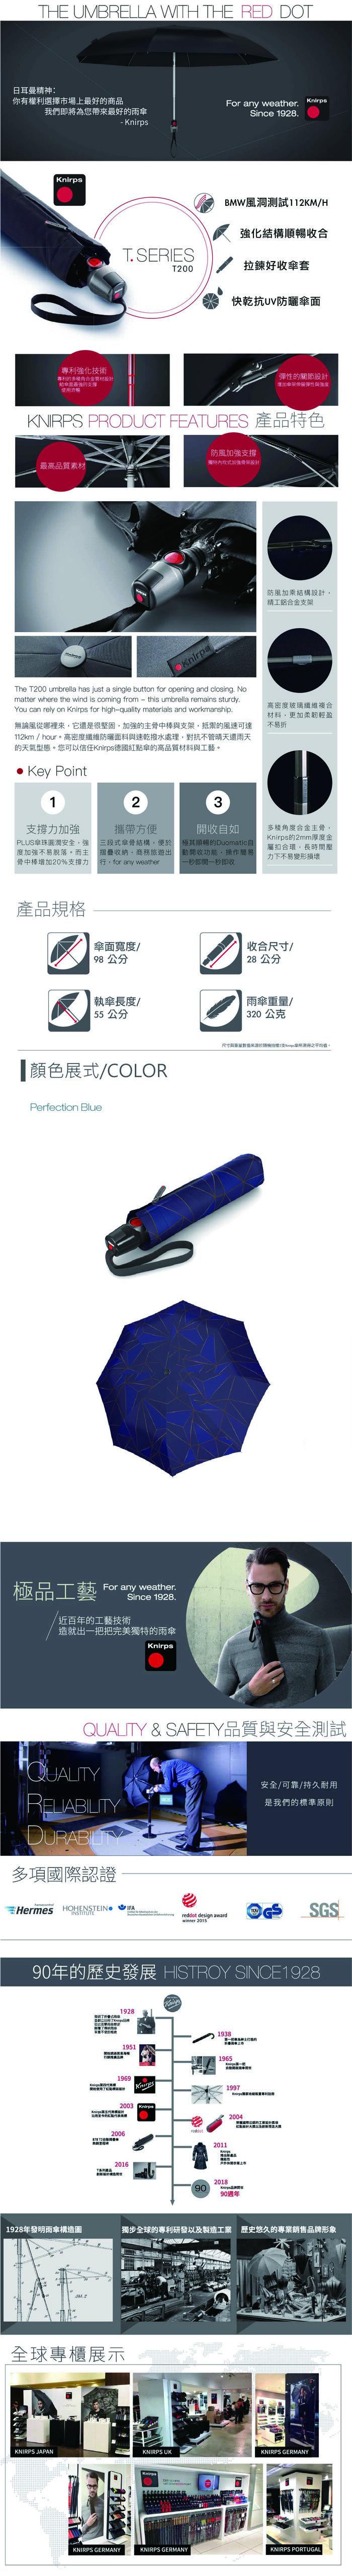 (複製)Knirps德國紅點傘|T.200 自動開收傘- Difference aqua